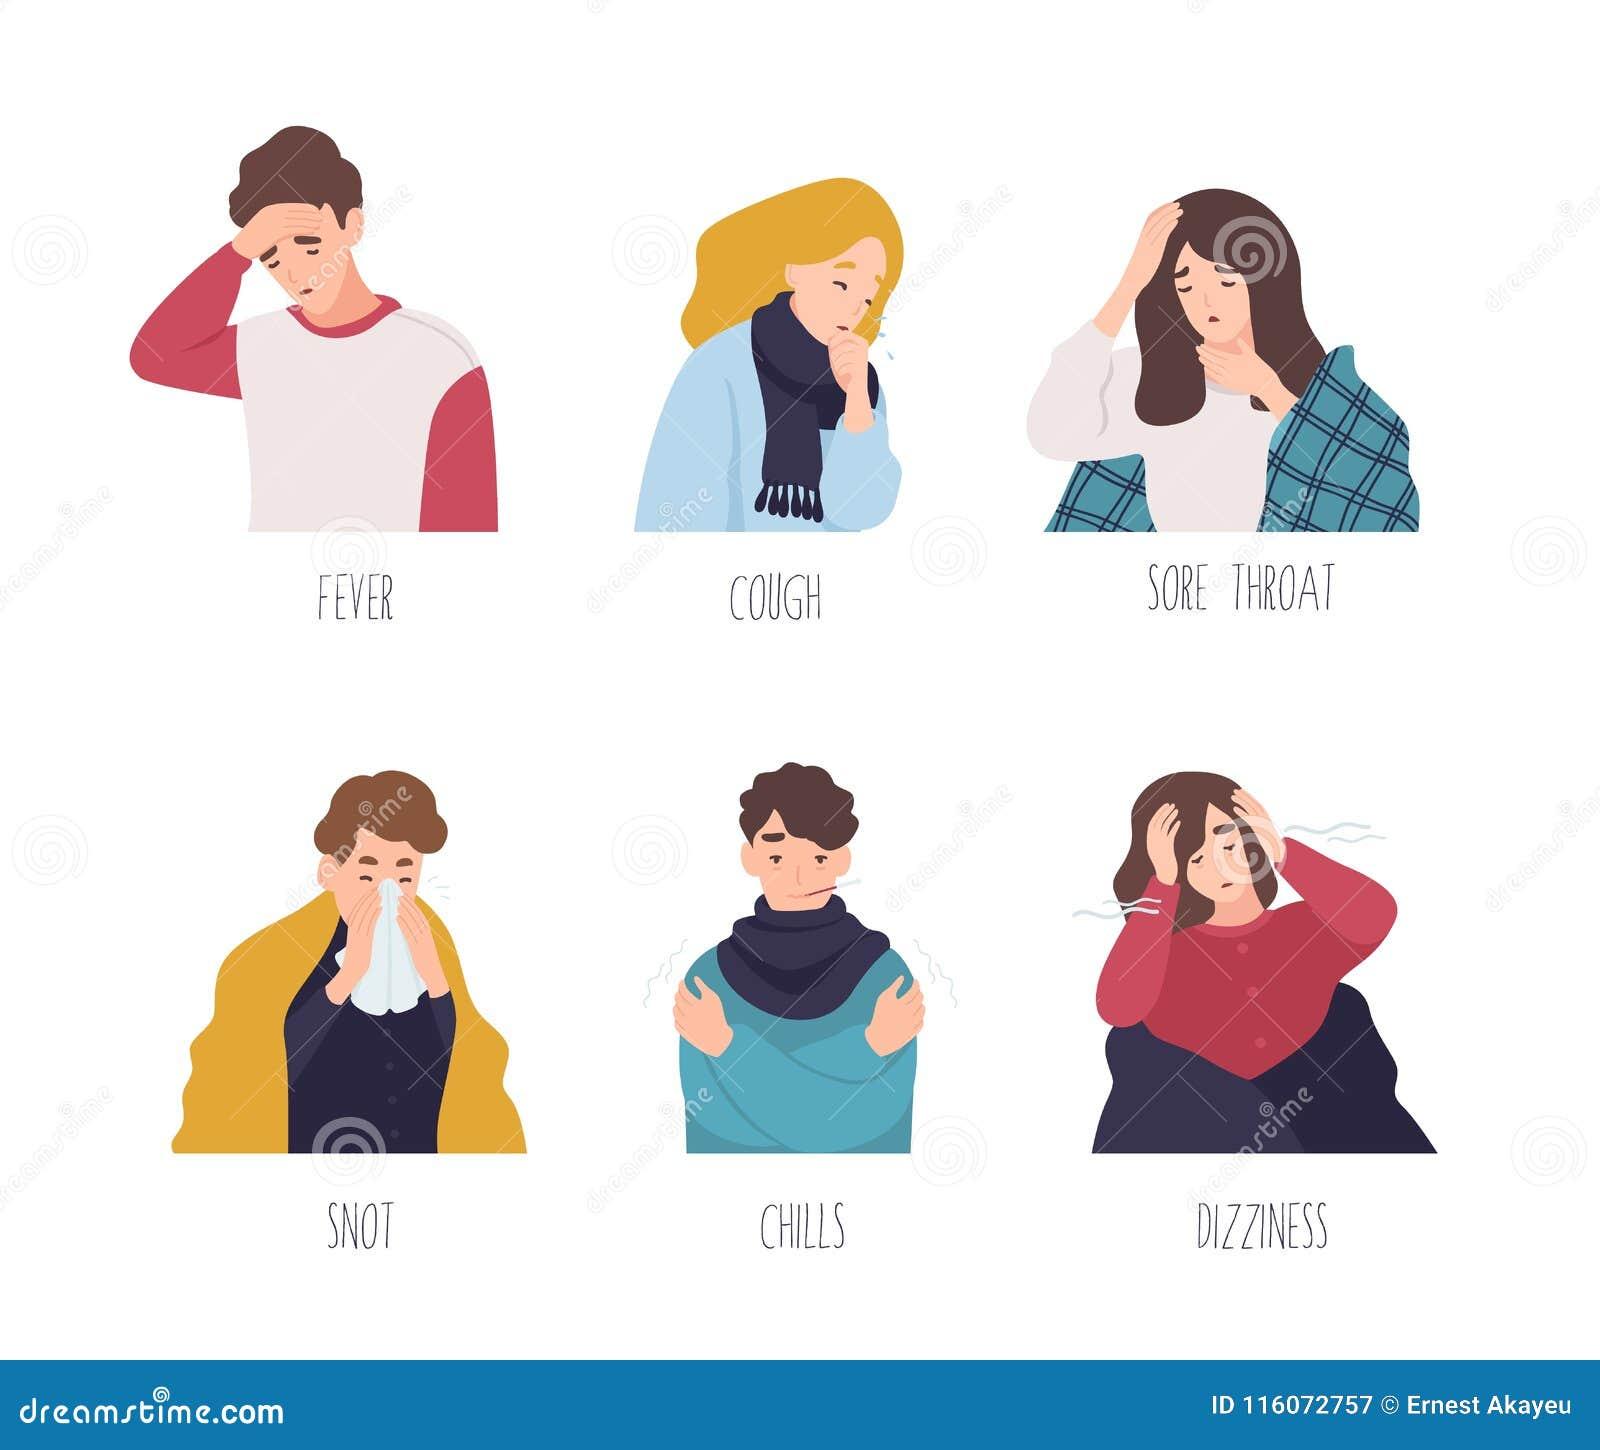 展示感冒-热病,咳嗽,喉咙痛,鼻涕,冷颤的症状男性和女性漫画人物